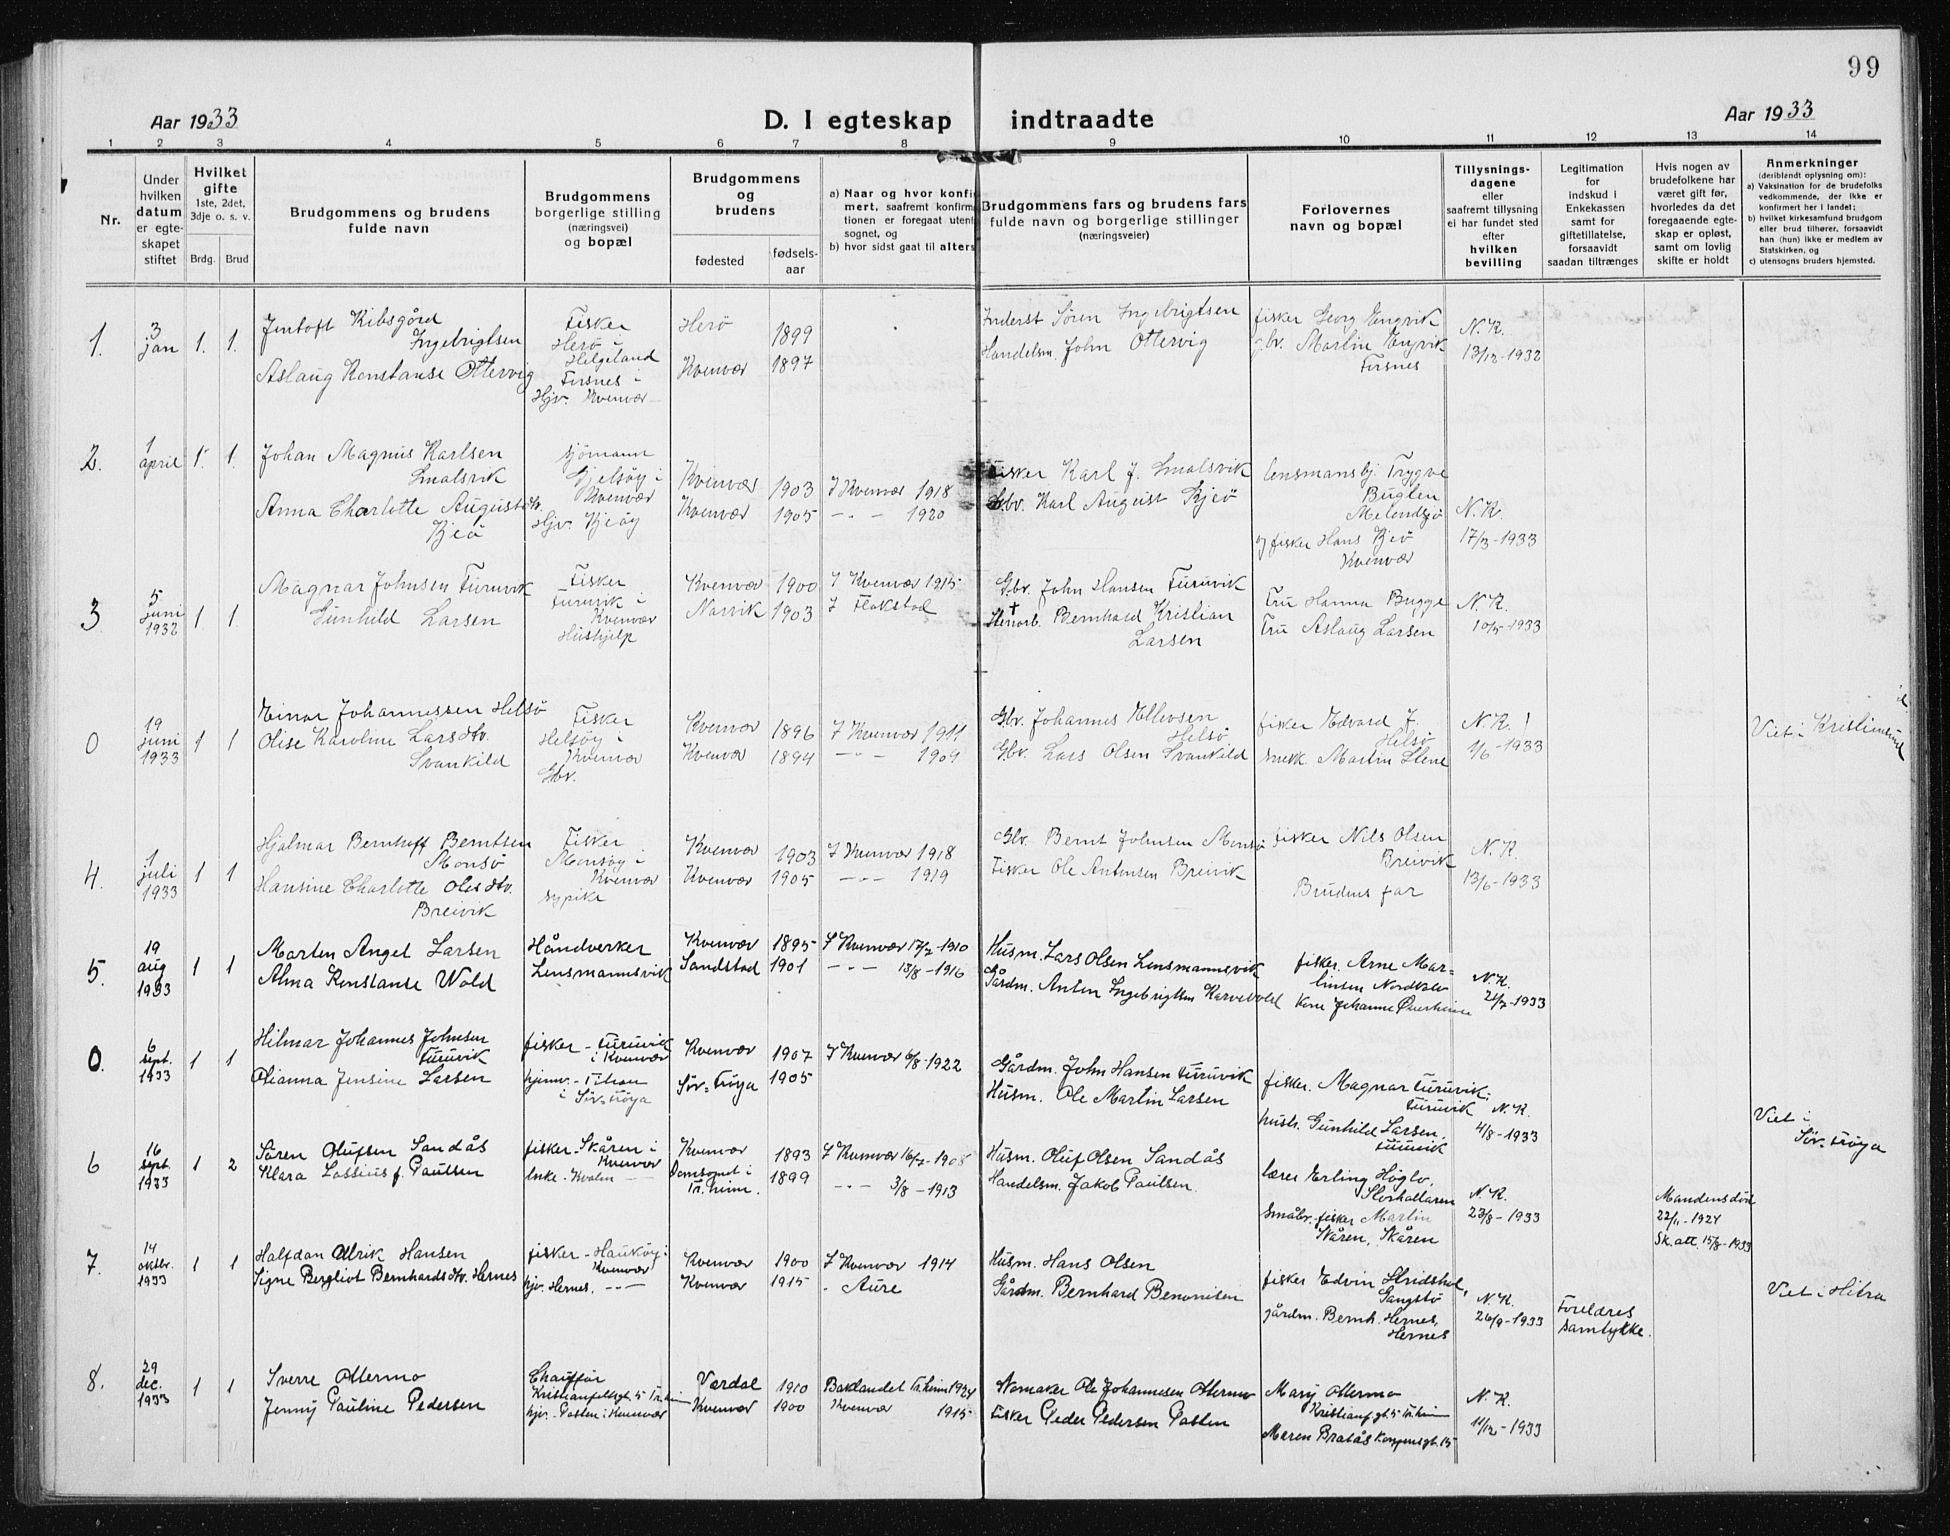 SAT, Ministerialprotokoller, klokkerbøker og fødselsregistre - Sør-Trøndelag, 635/L0554: Klokkerbok nr. 635C02, 1919-1942, s. 99